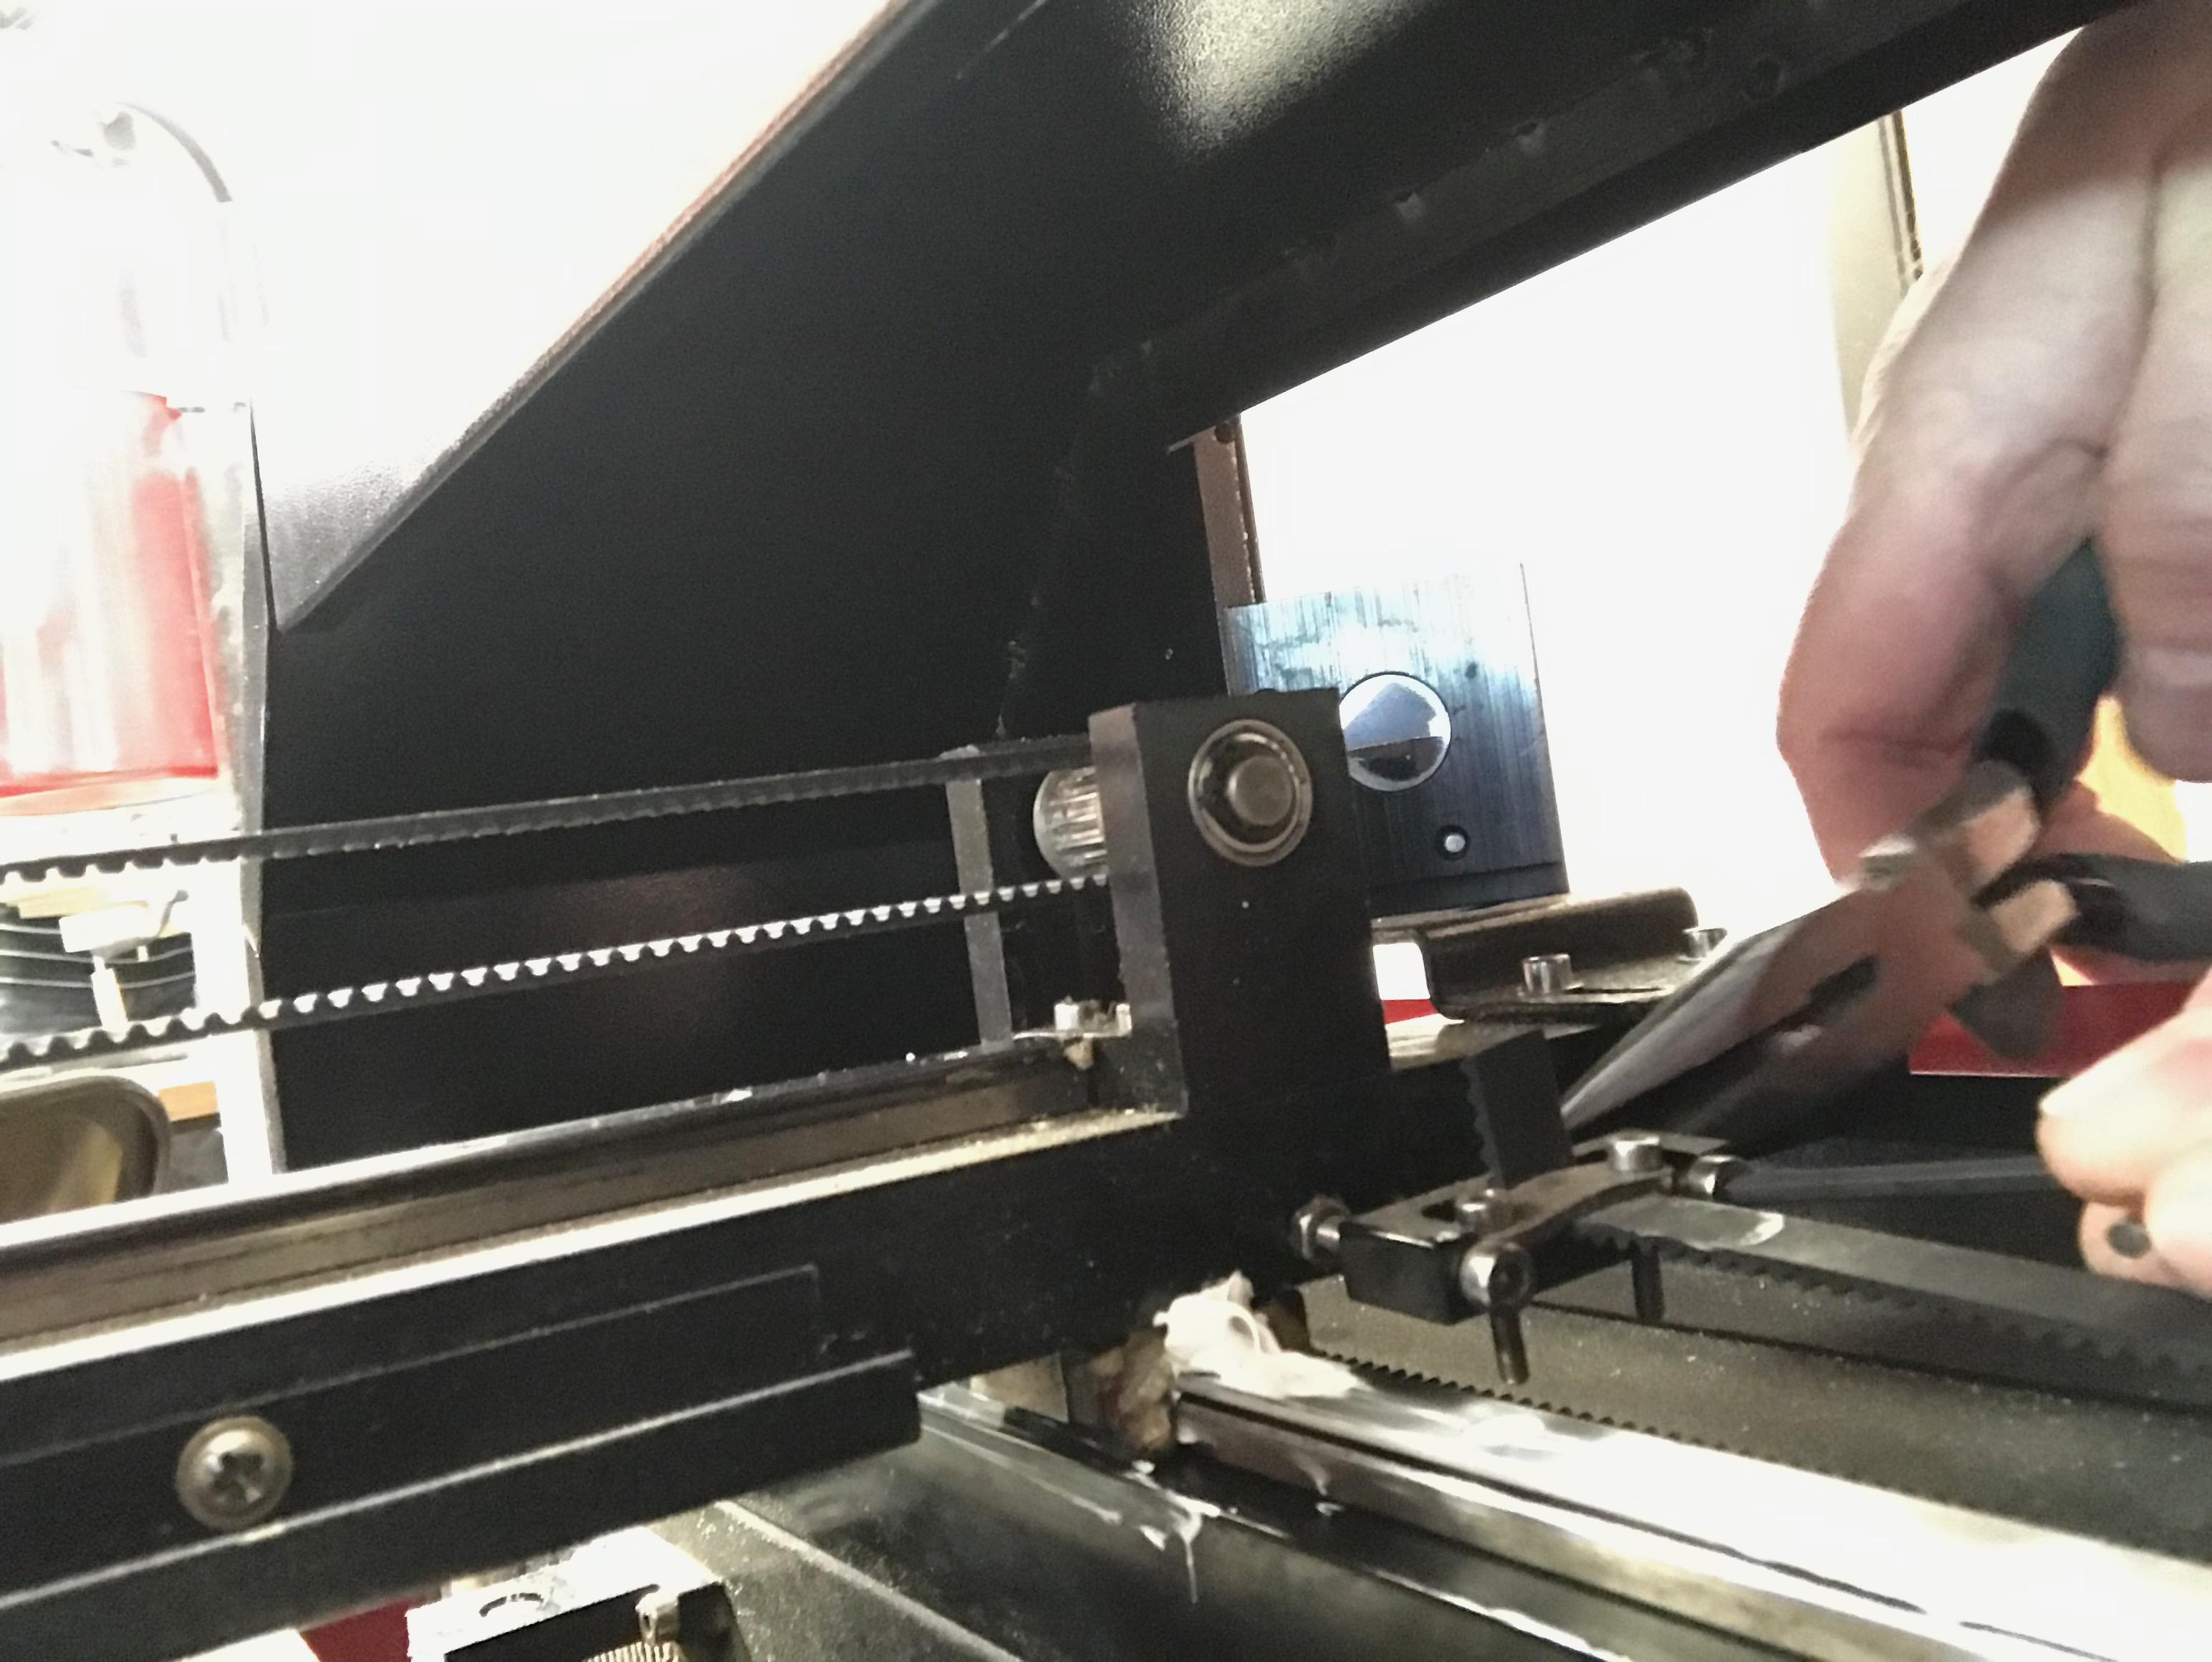 Adjusting the linear bearing belt